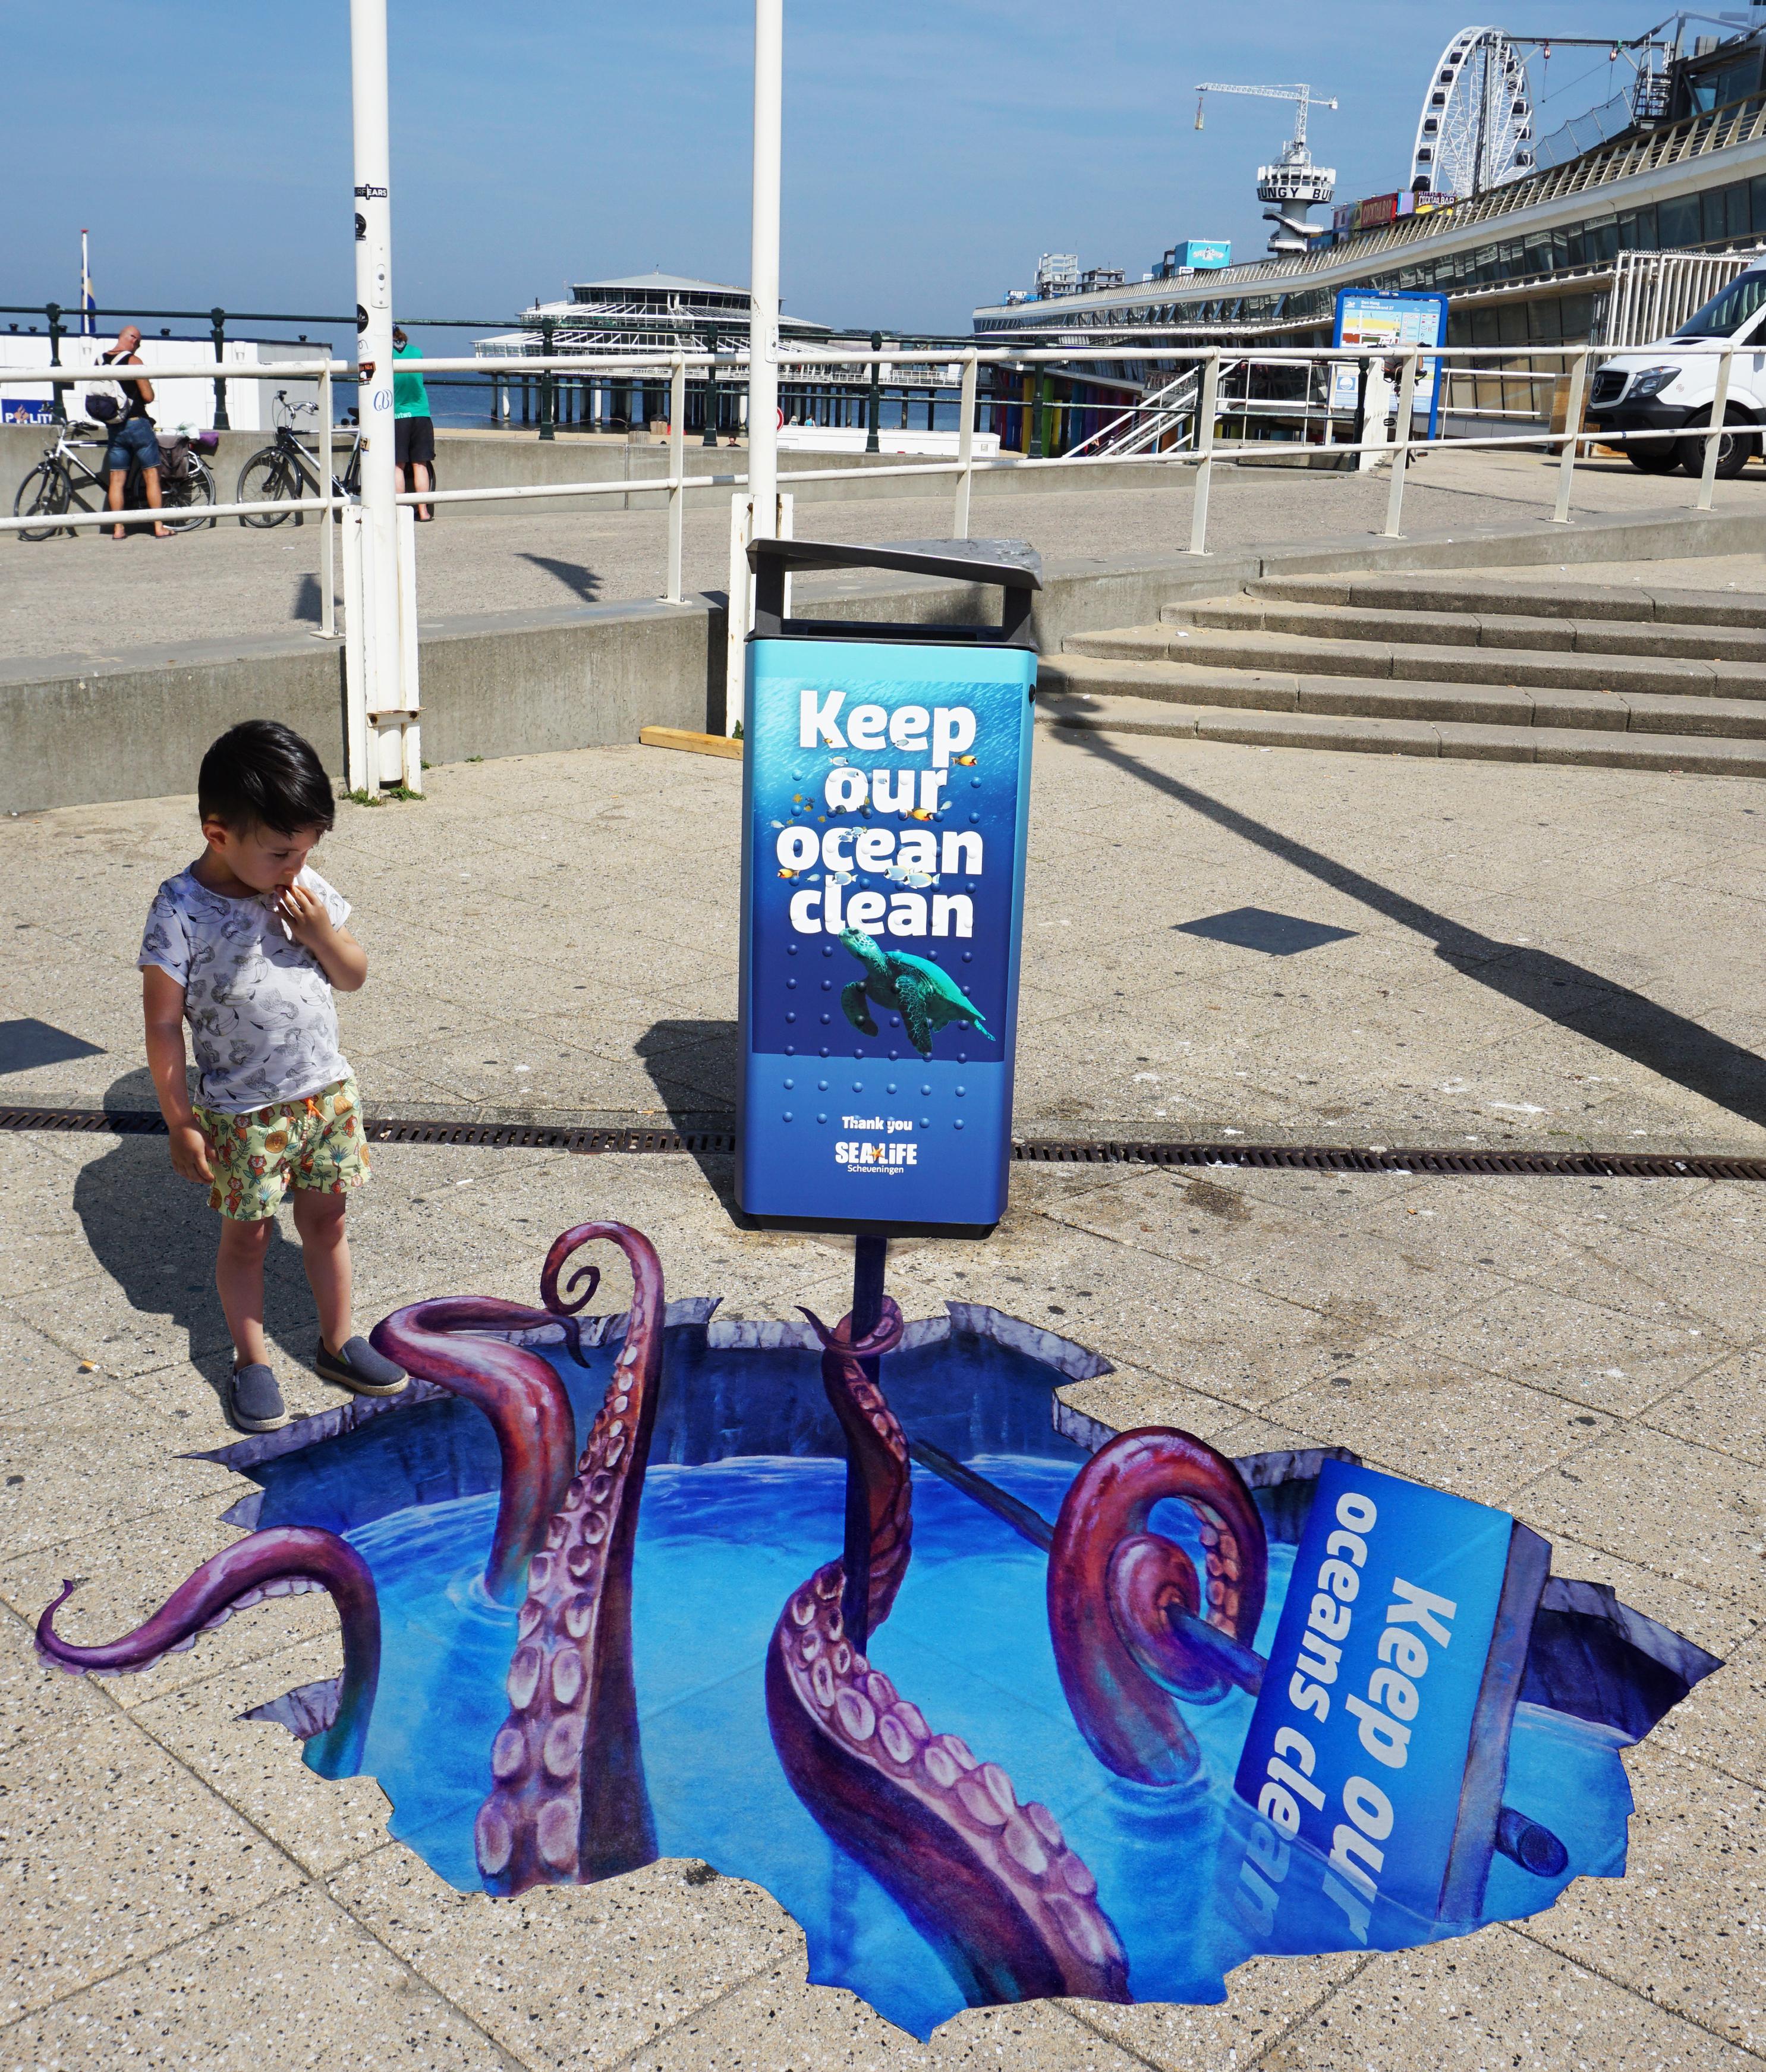 3D Street Art // Keep Our Ocean Clean